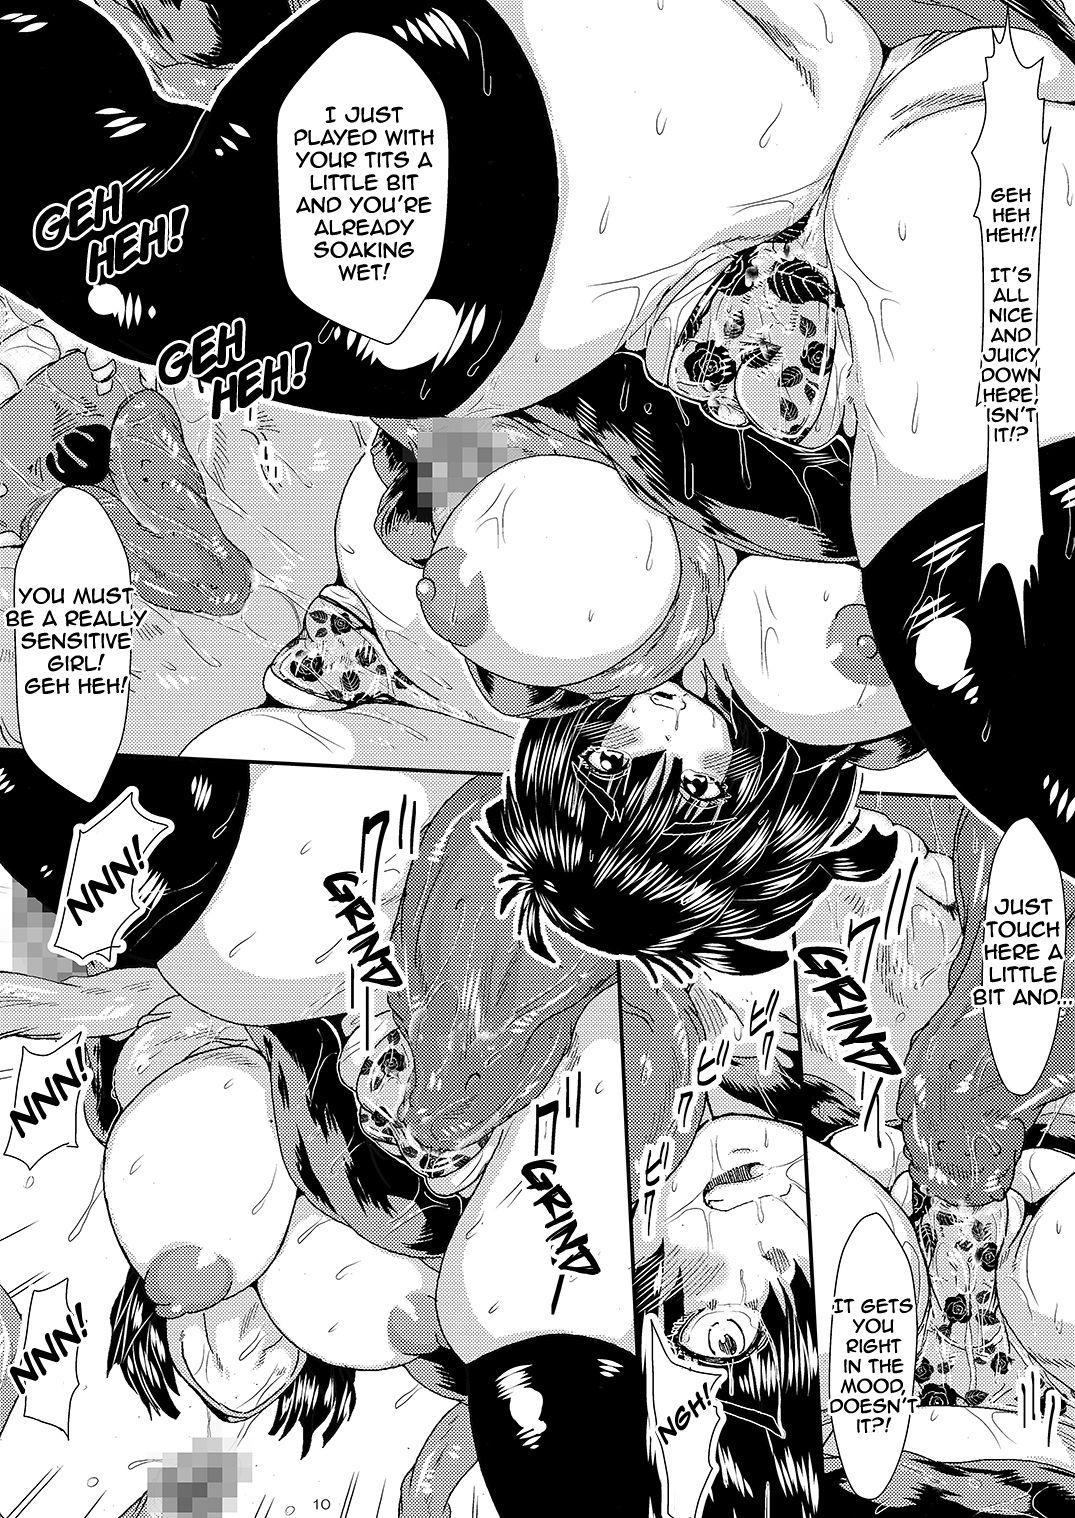 [Yuzuponz (Sakokichi)] IN RAN-WOMEN Kairaku ni Ochiru Shimai   Nympho-Women Sisters Falling into Ecstasy (One Punch Man) [English] [Jashinslayer] [Digital] 8